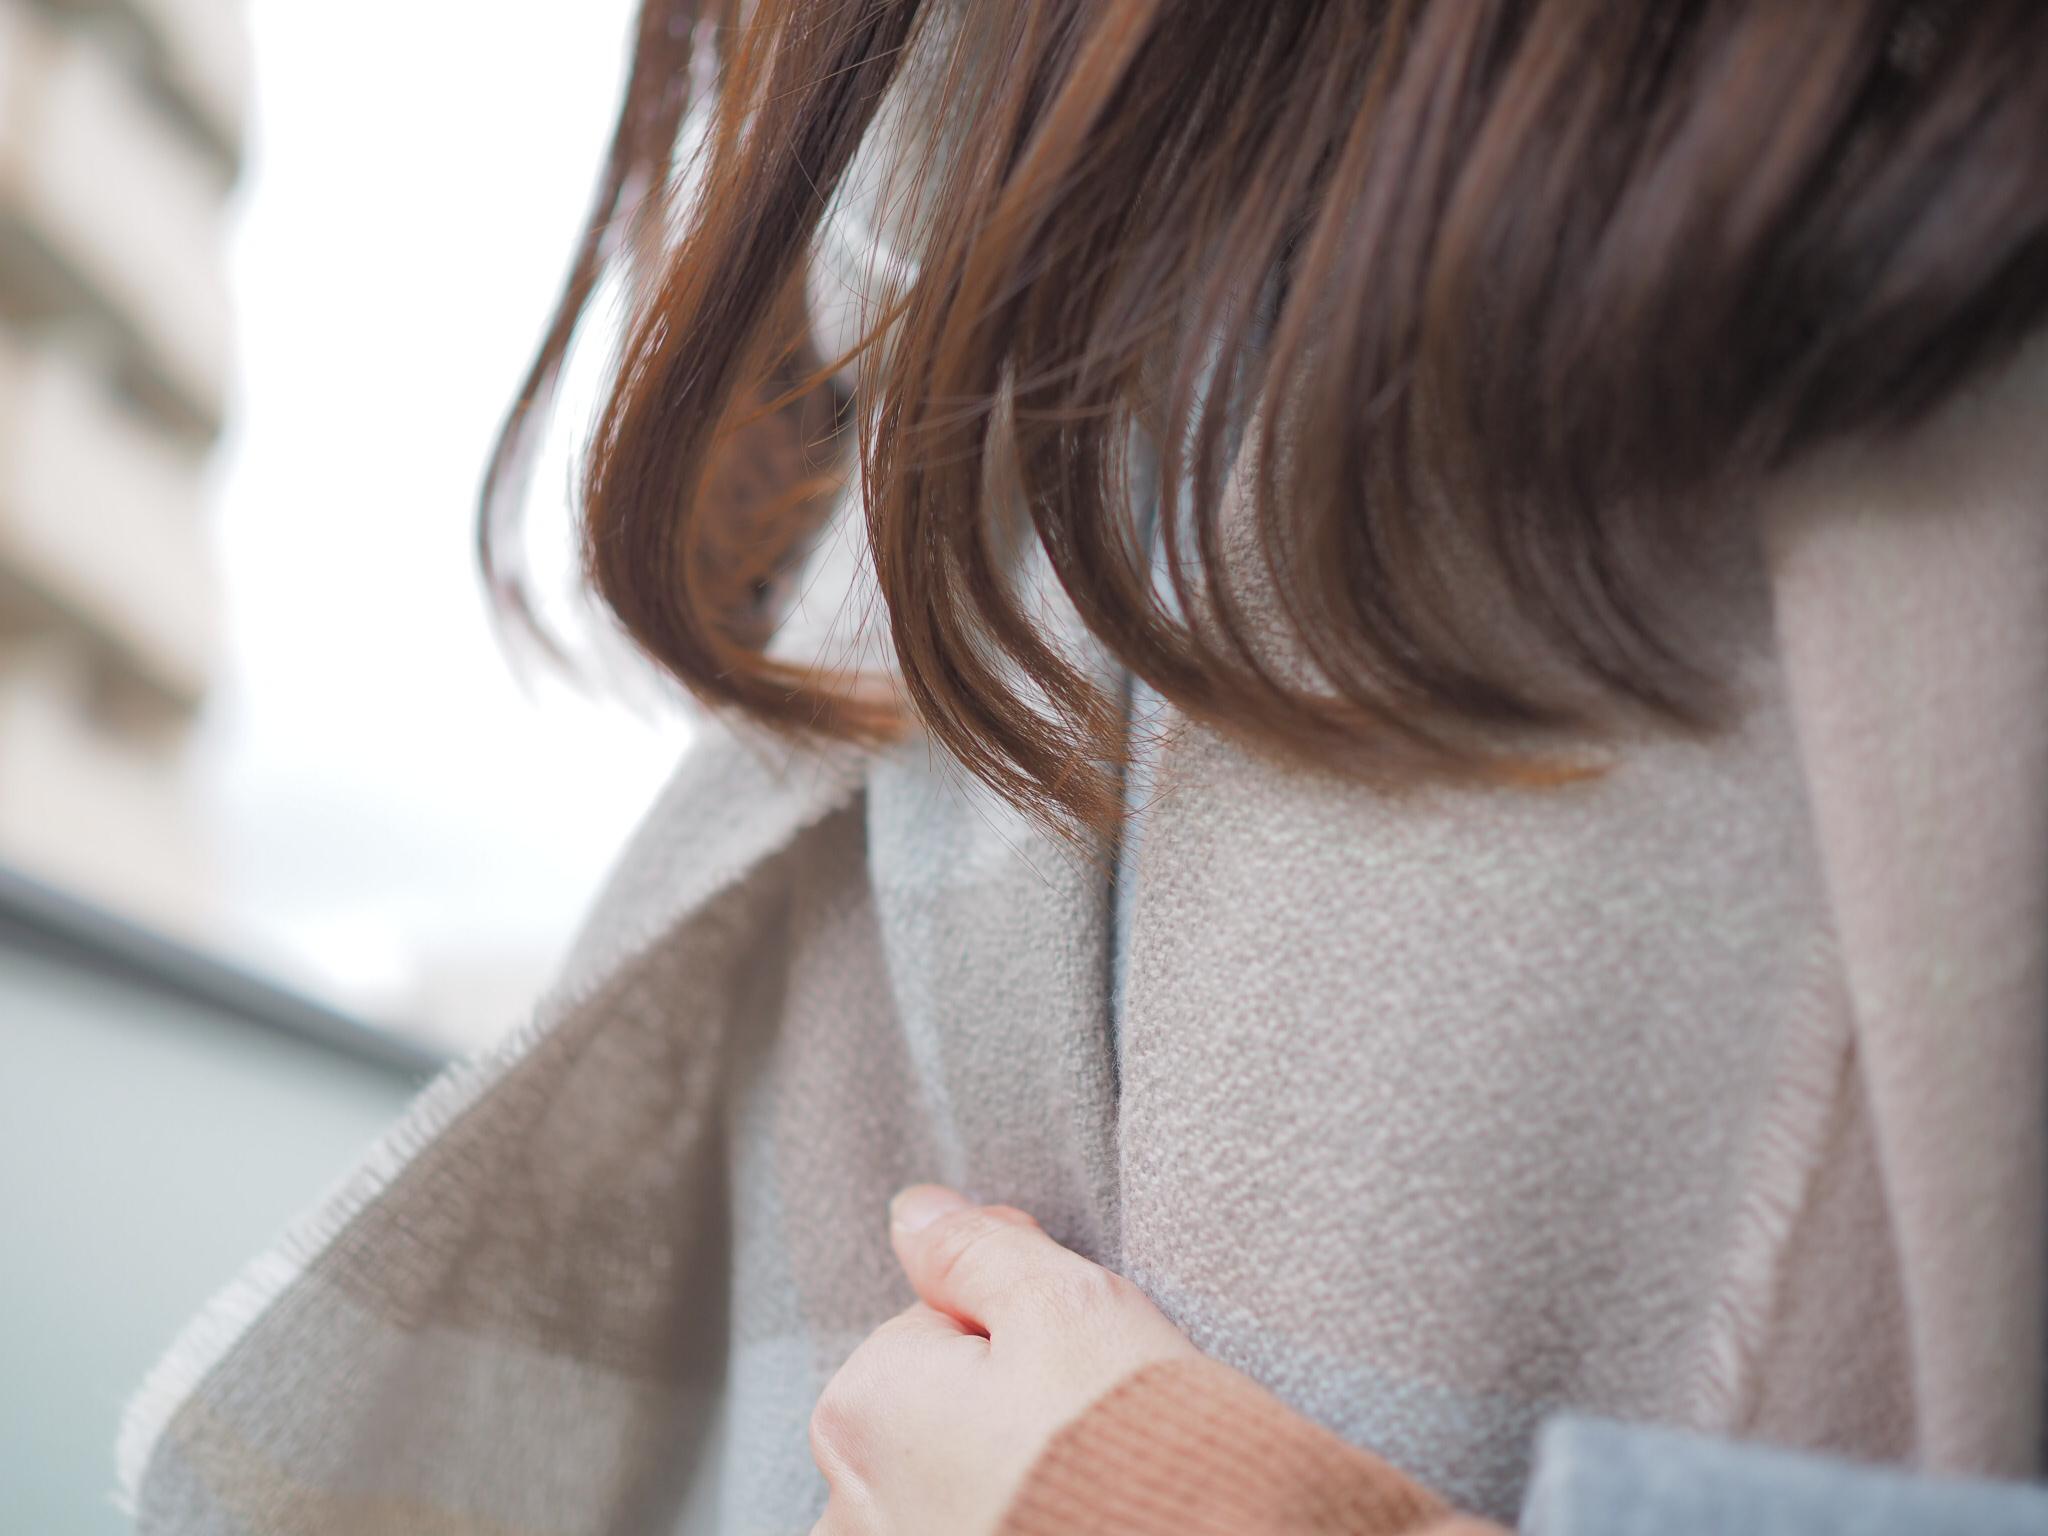 冬の北海道旅 カメラ女子のための服装講座